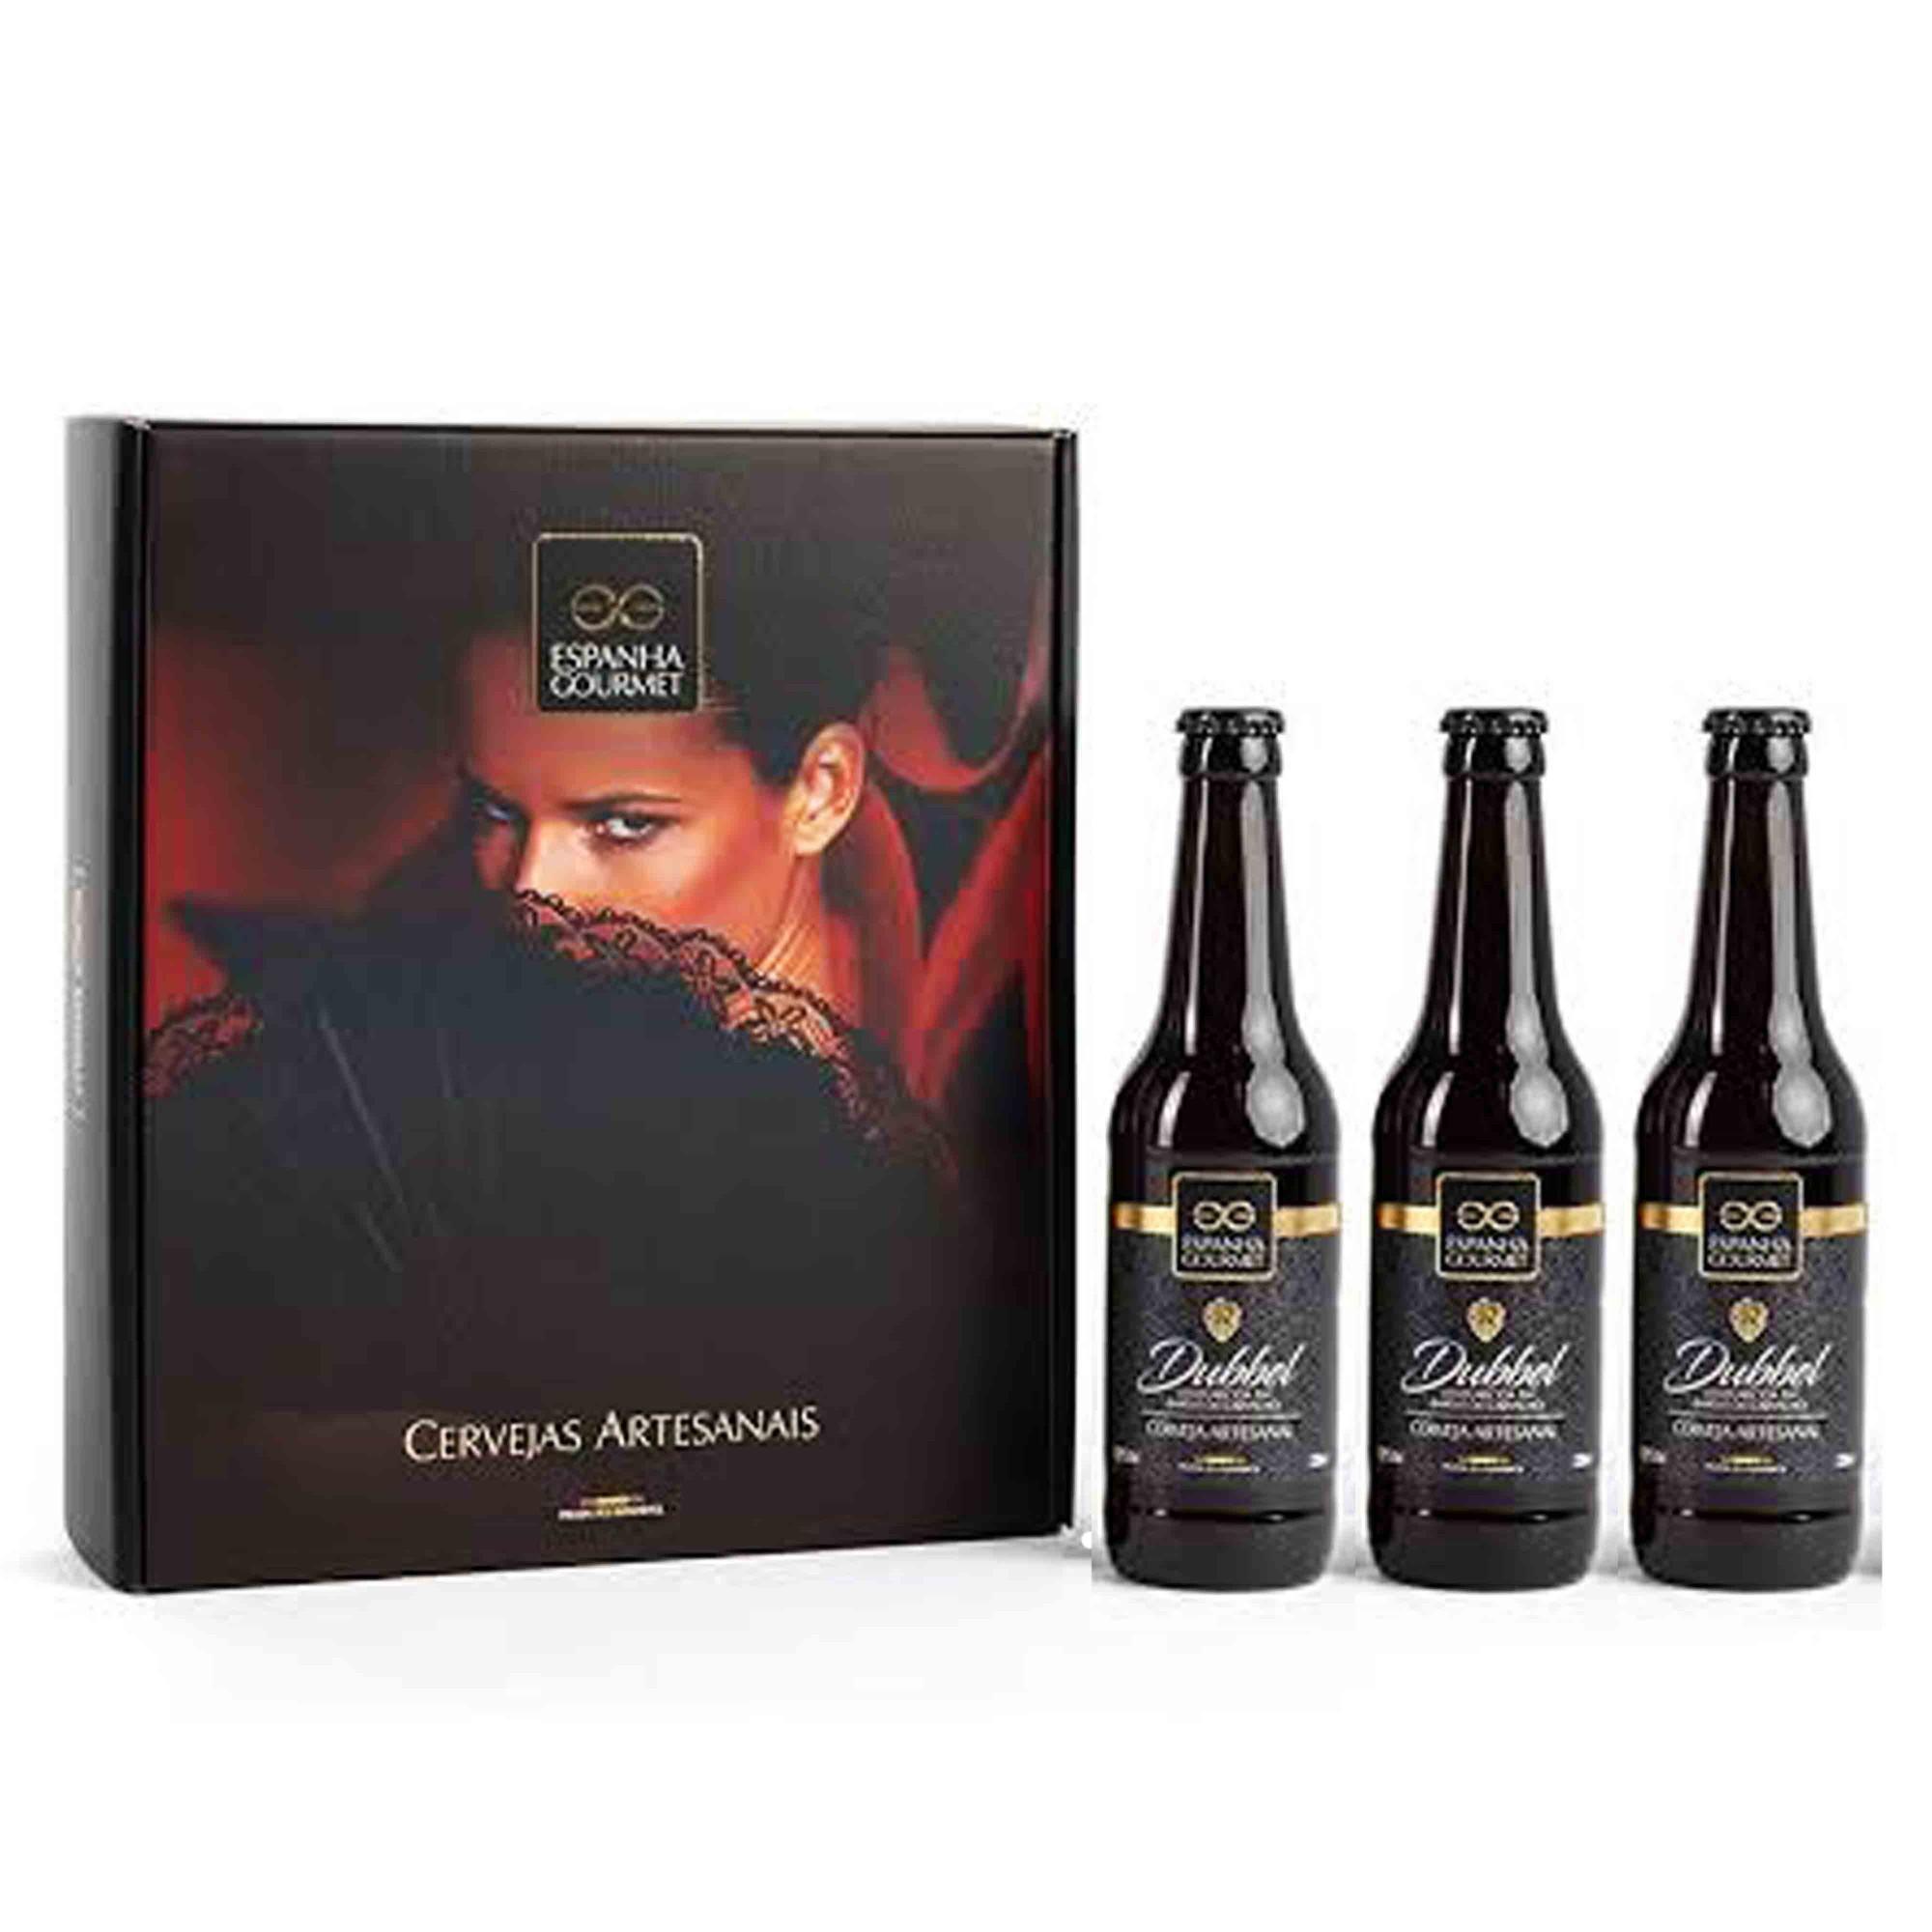 Kit Cerveja Artesanal Dubbel - envelhecida m Barris de Carvalho - 330ml  - Empório Pata Negra